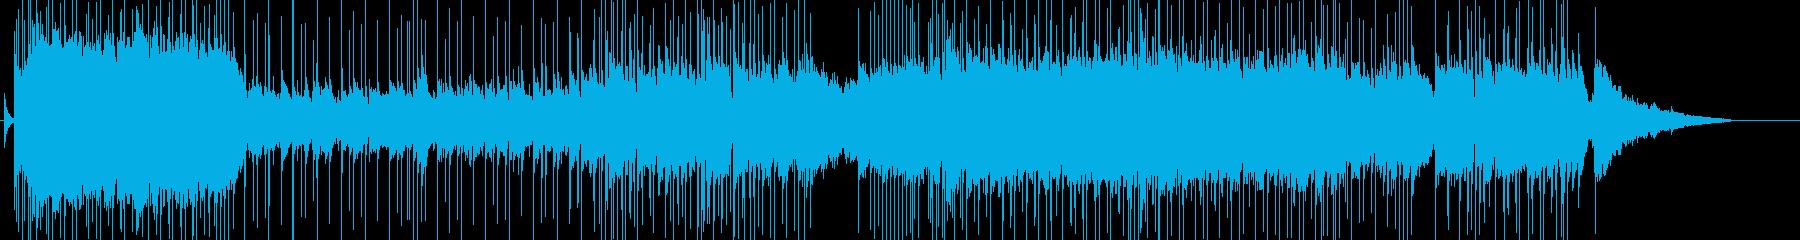 ◎生演奏♫JPOPエモ3拍子バンドロックの再生済みの波形